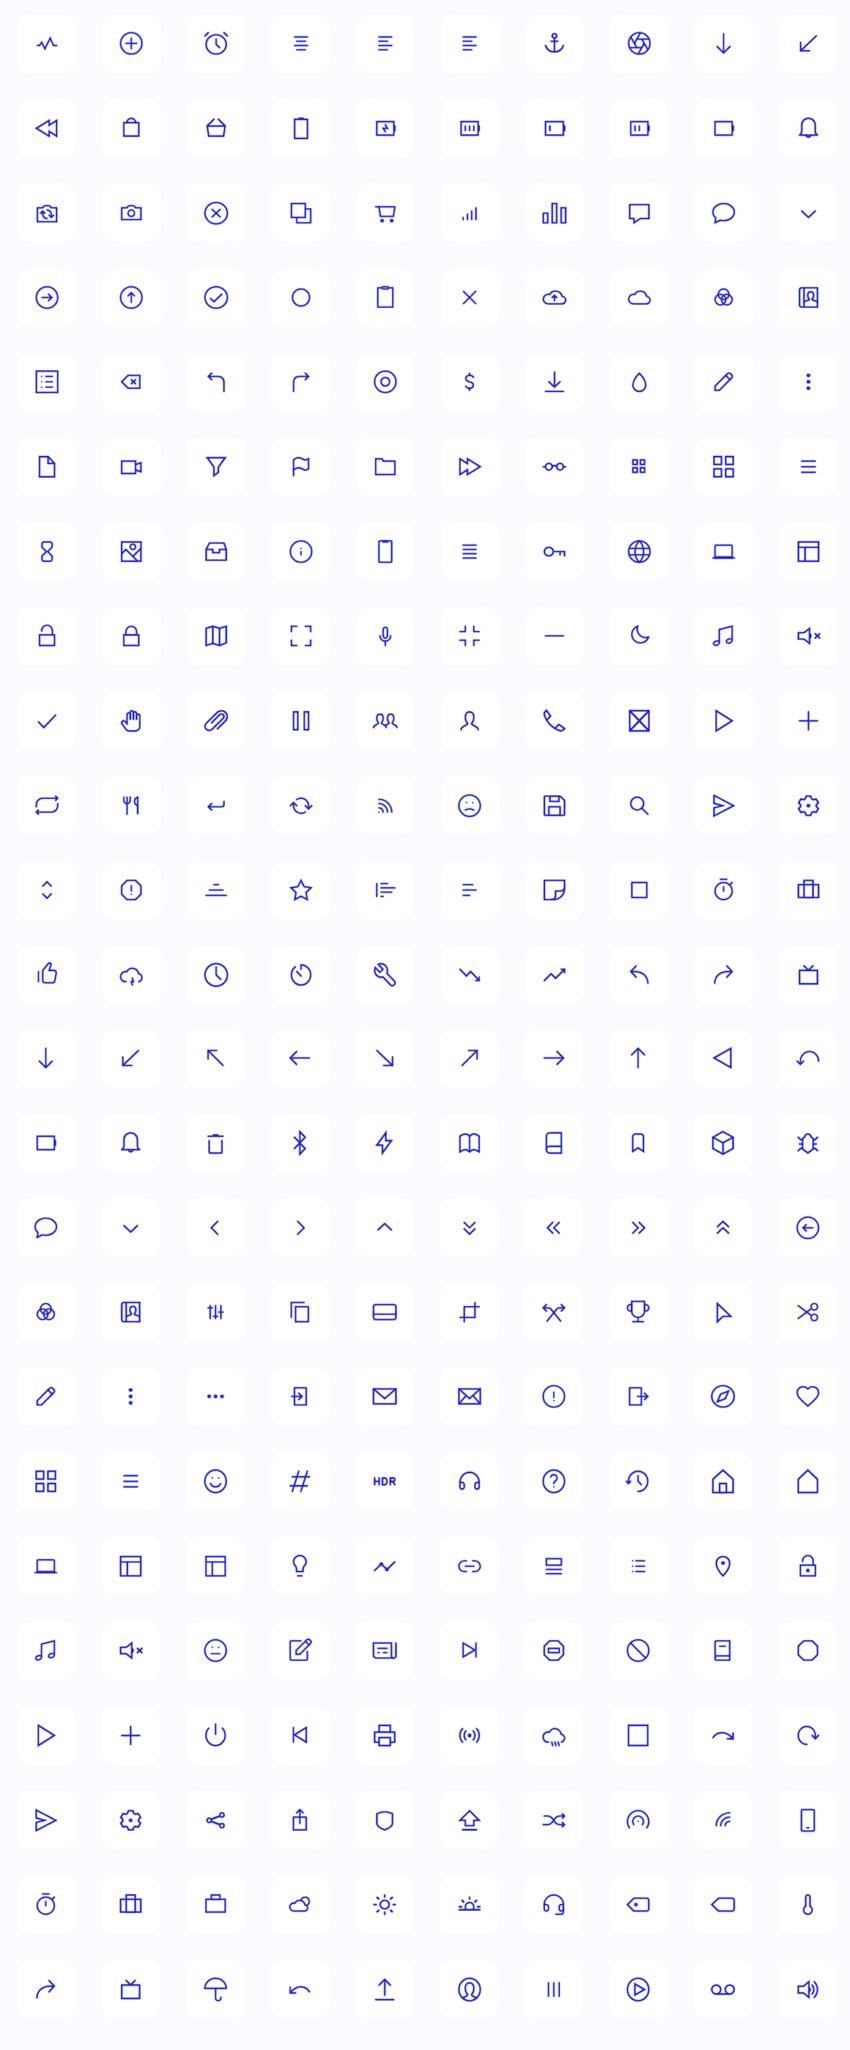 Ikonate Free set of 230+ SVG icons скачать бесплатно